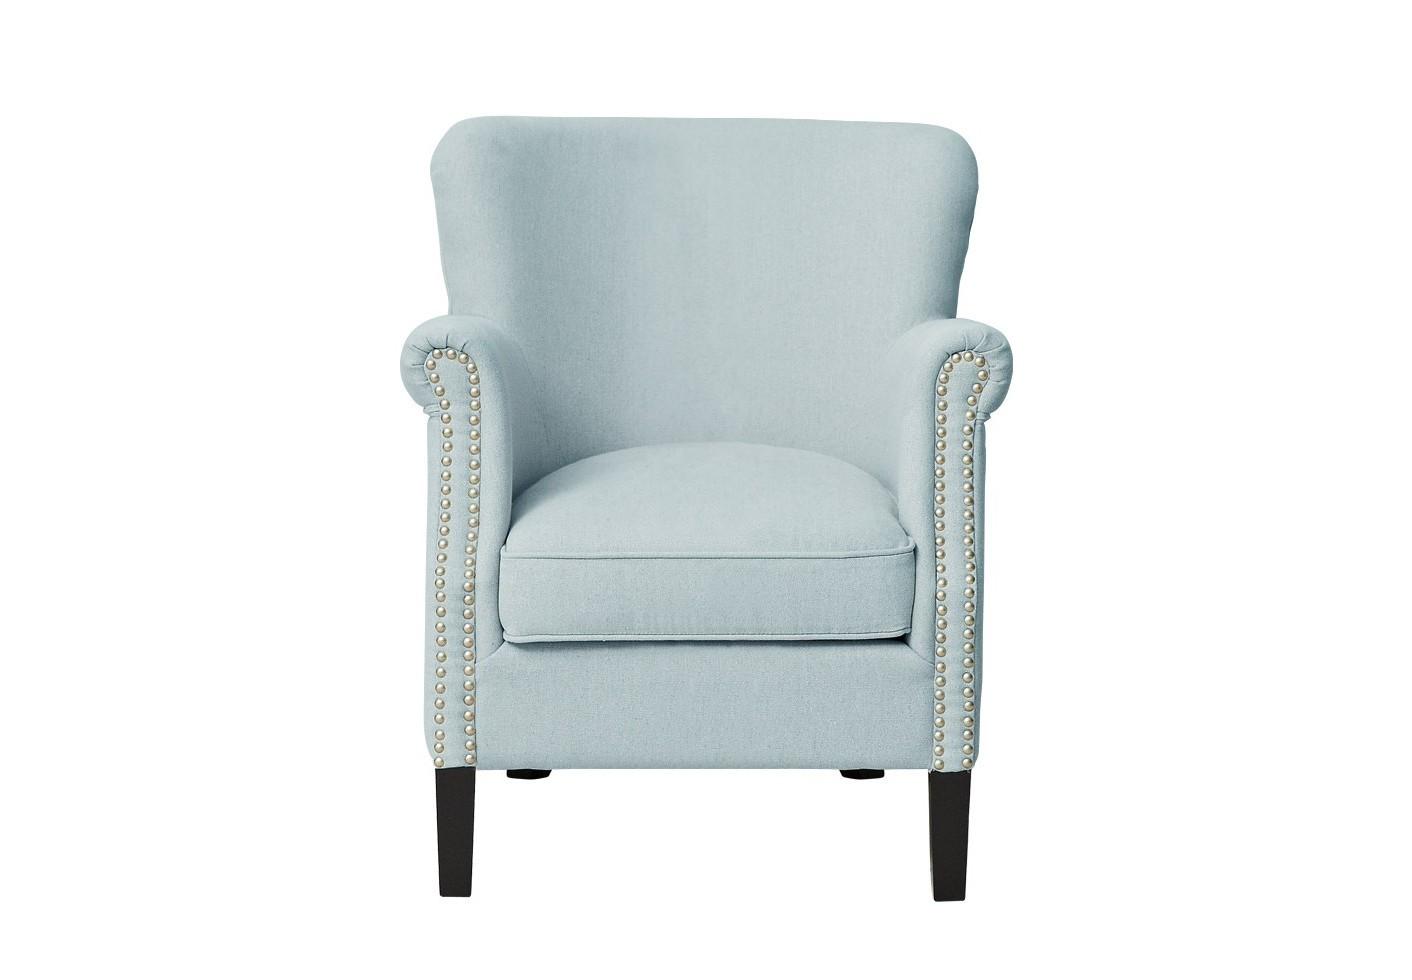 Кресло RolandИнтерьерные кресла<br><br><br>Material: Текстиль<br>Ширина см: 67<br>Высота см: 78<br>Глубина см: 72